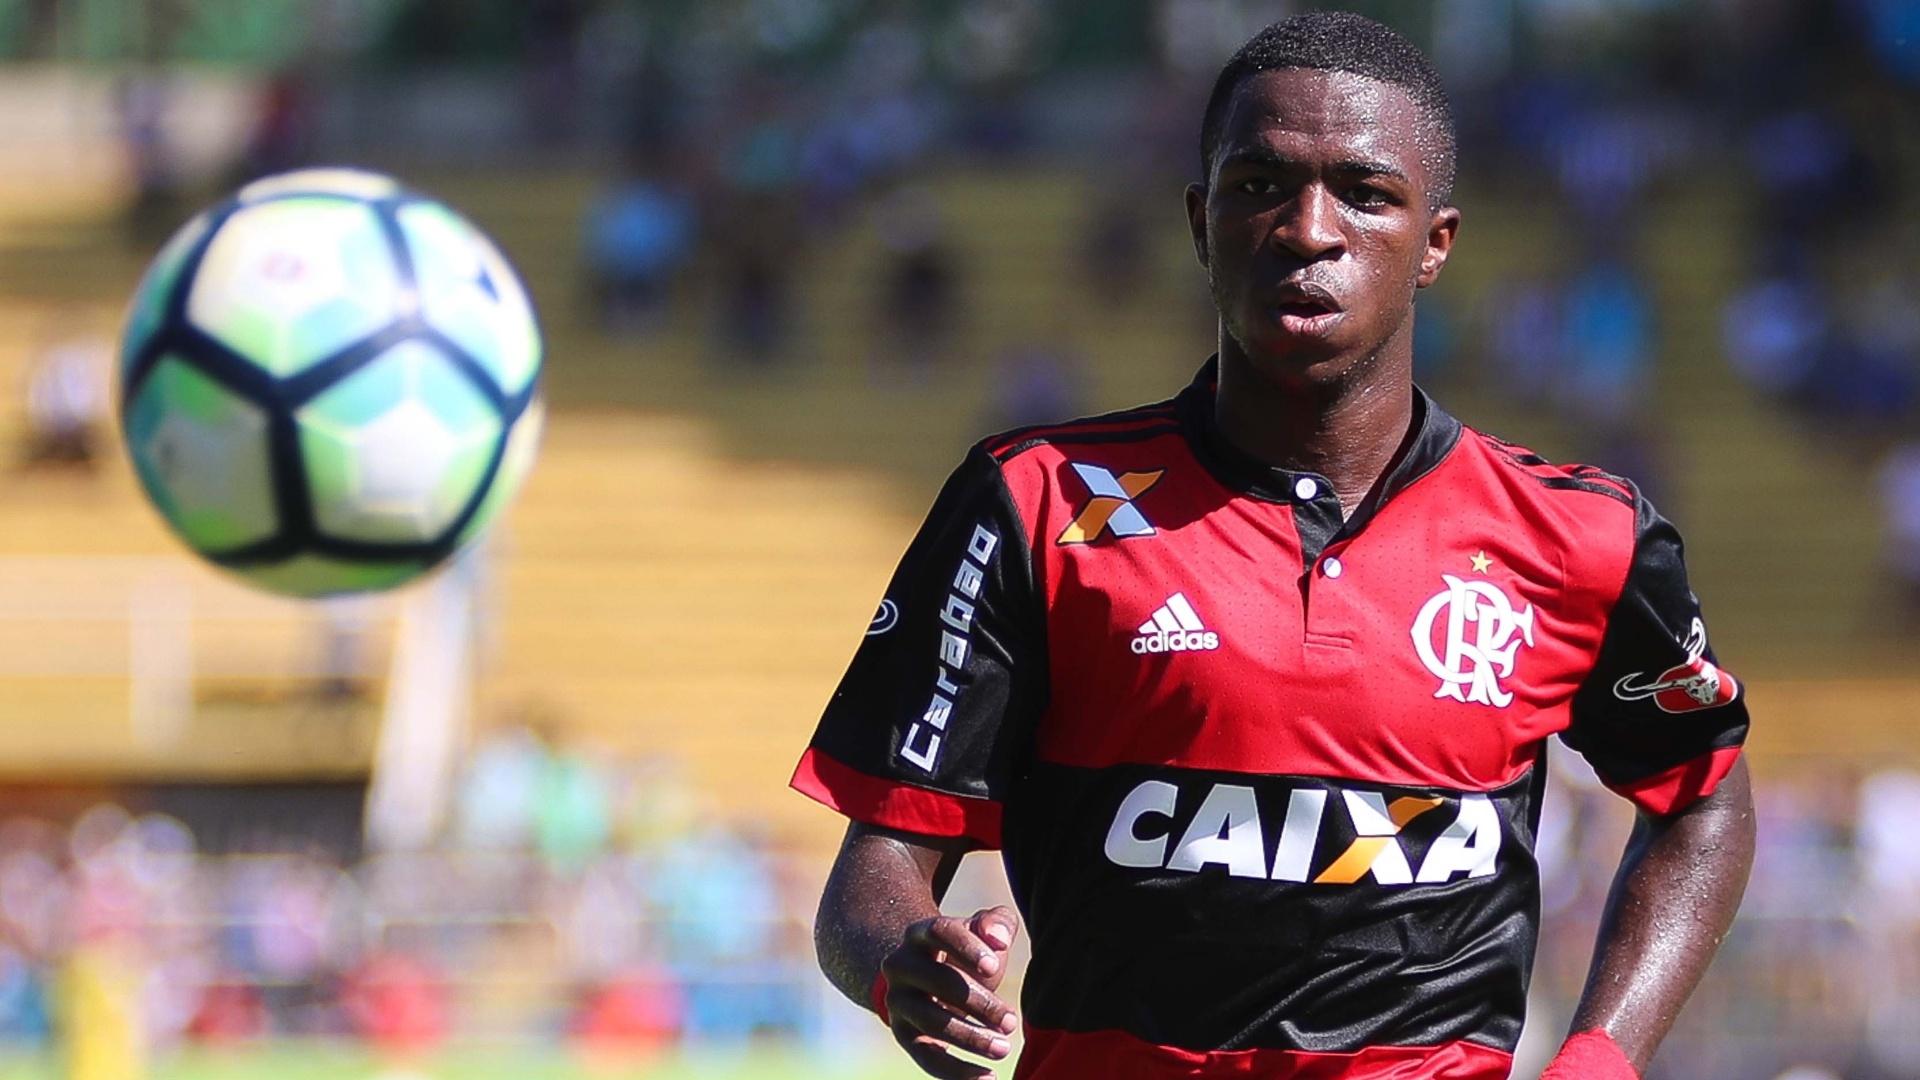 Garoto de R$ 164 milhões: Vinicius Júnior caiu nas graças da torcida do Flamengo